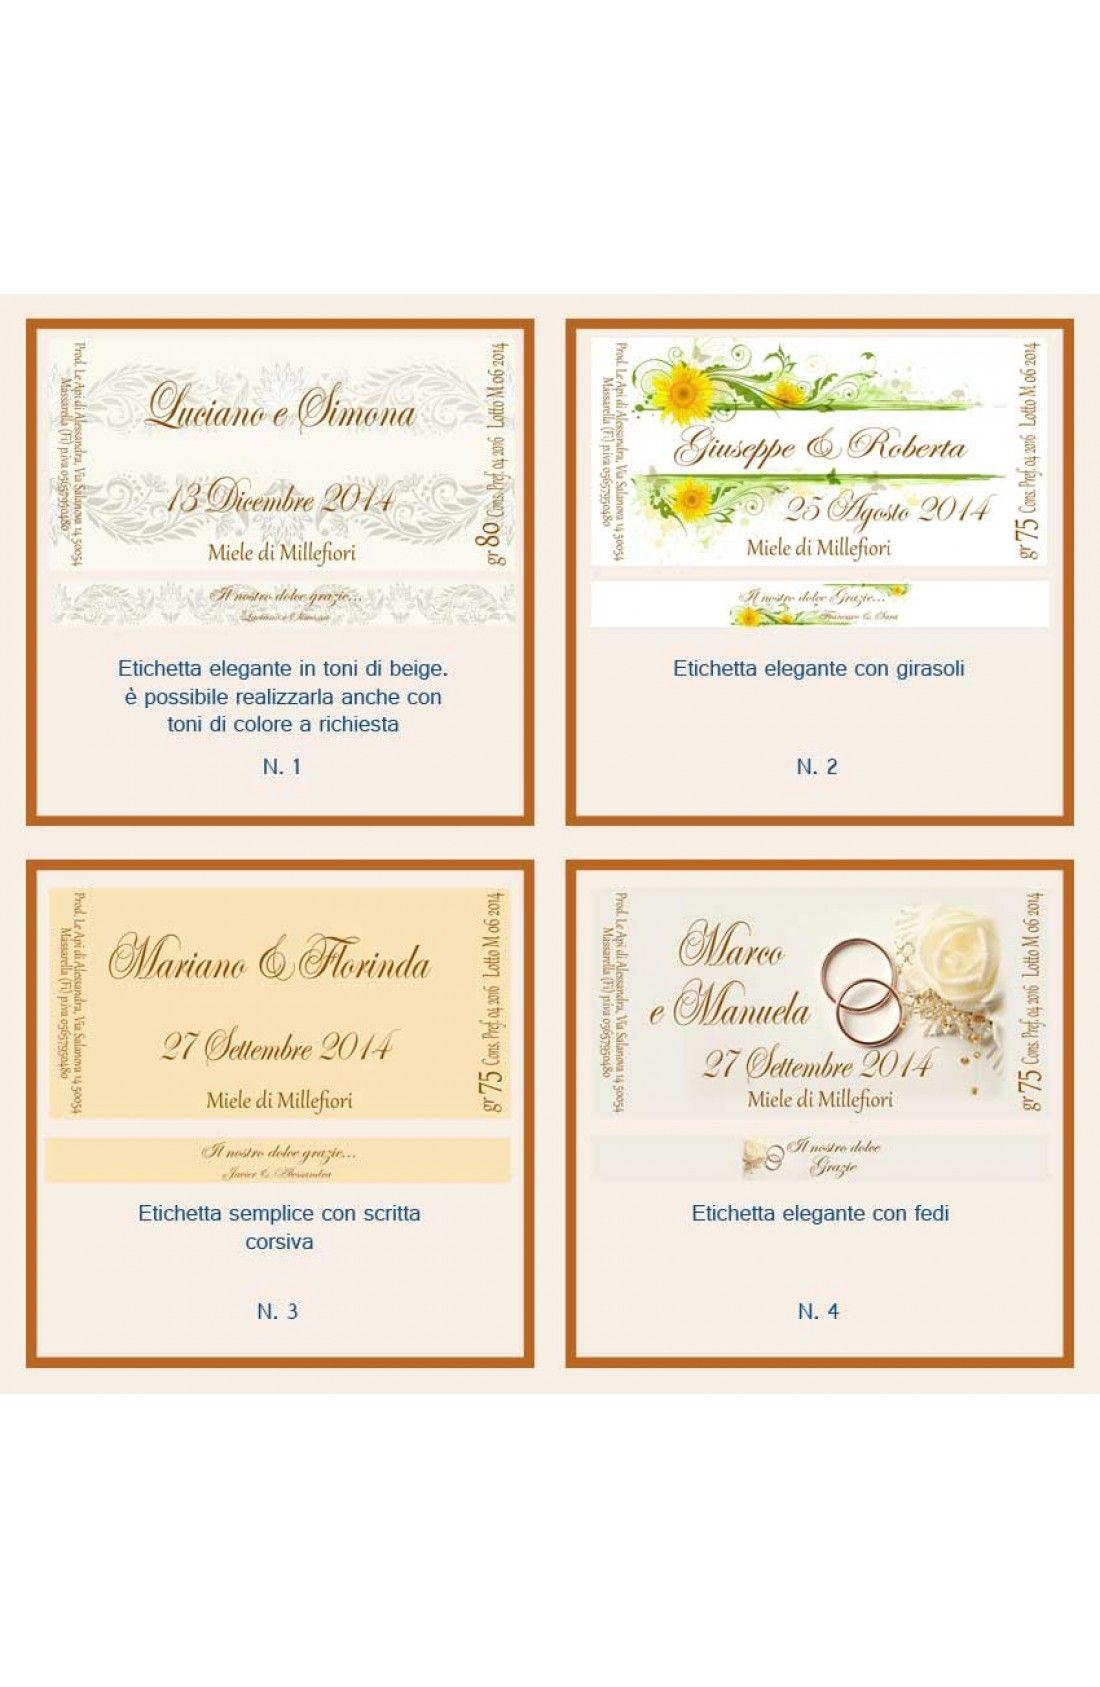 Anniversario Di Matrimonio Al Lotto.Bomboniera O Segnaposto Per Anniversario Di Nozze Vasetto Miele